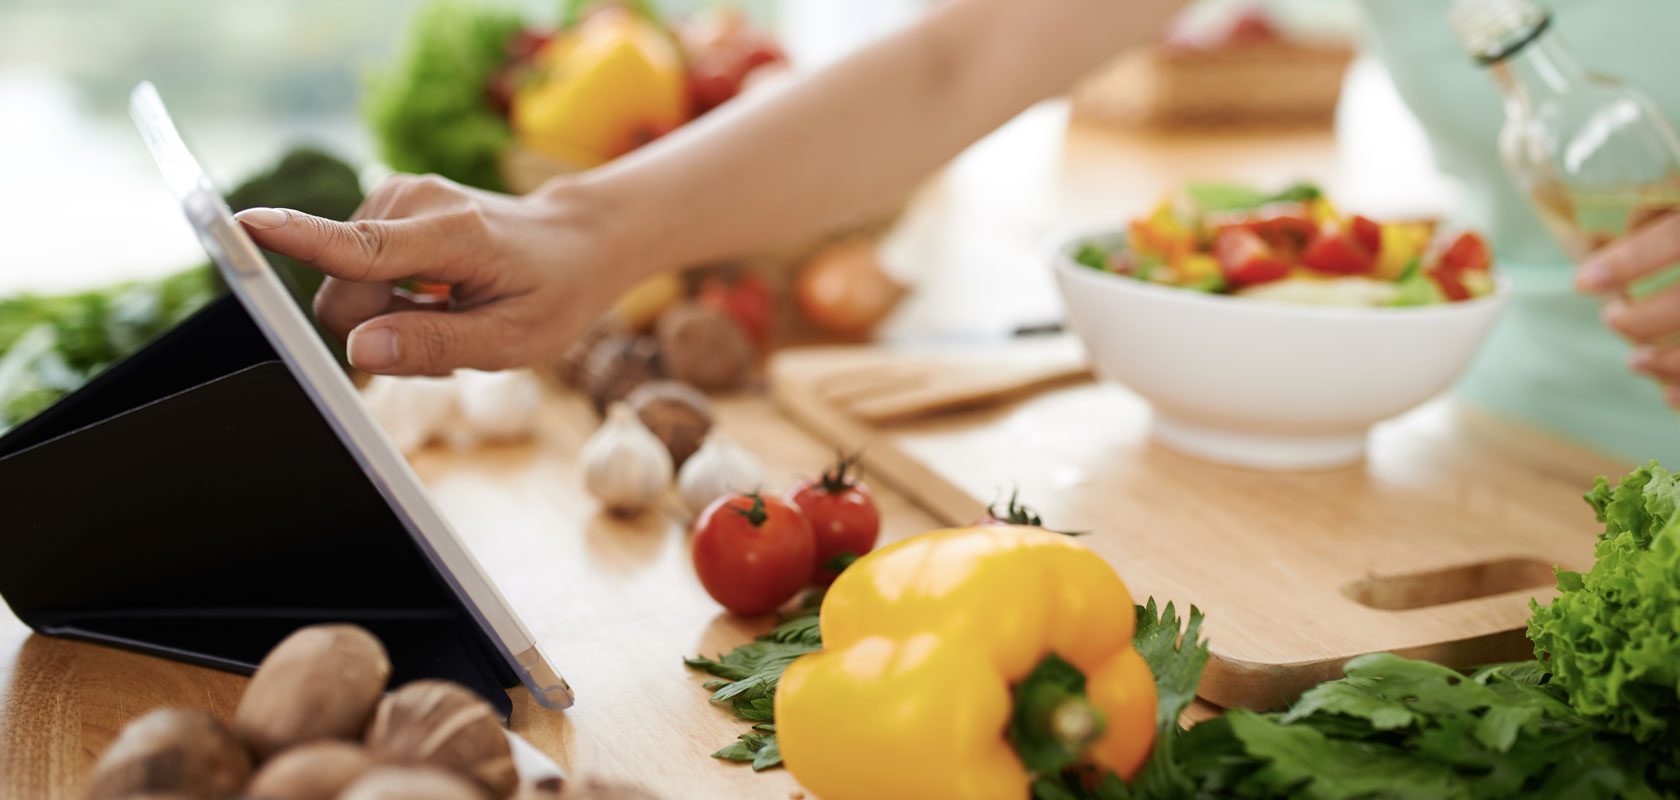 chef preparing fresh vegetables in kitchen